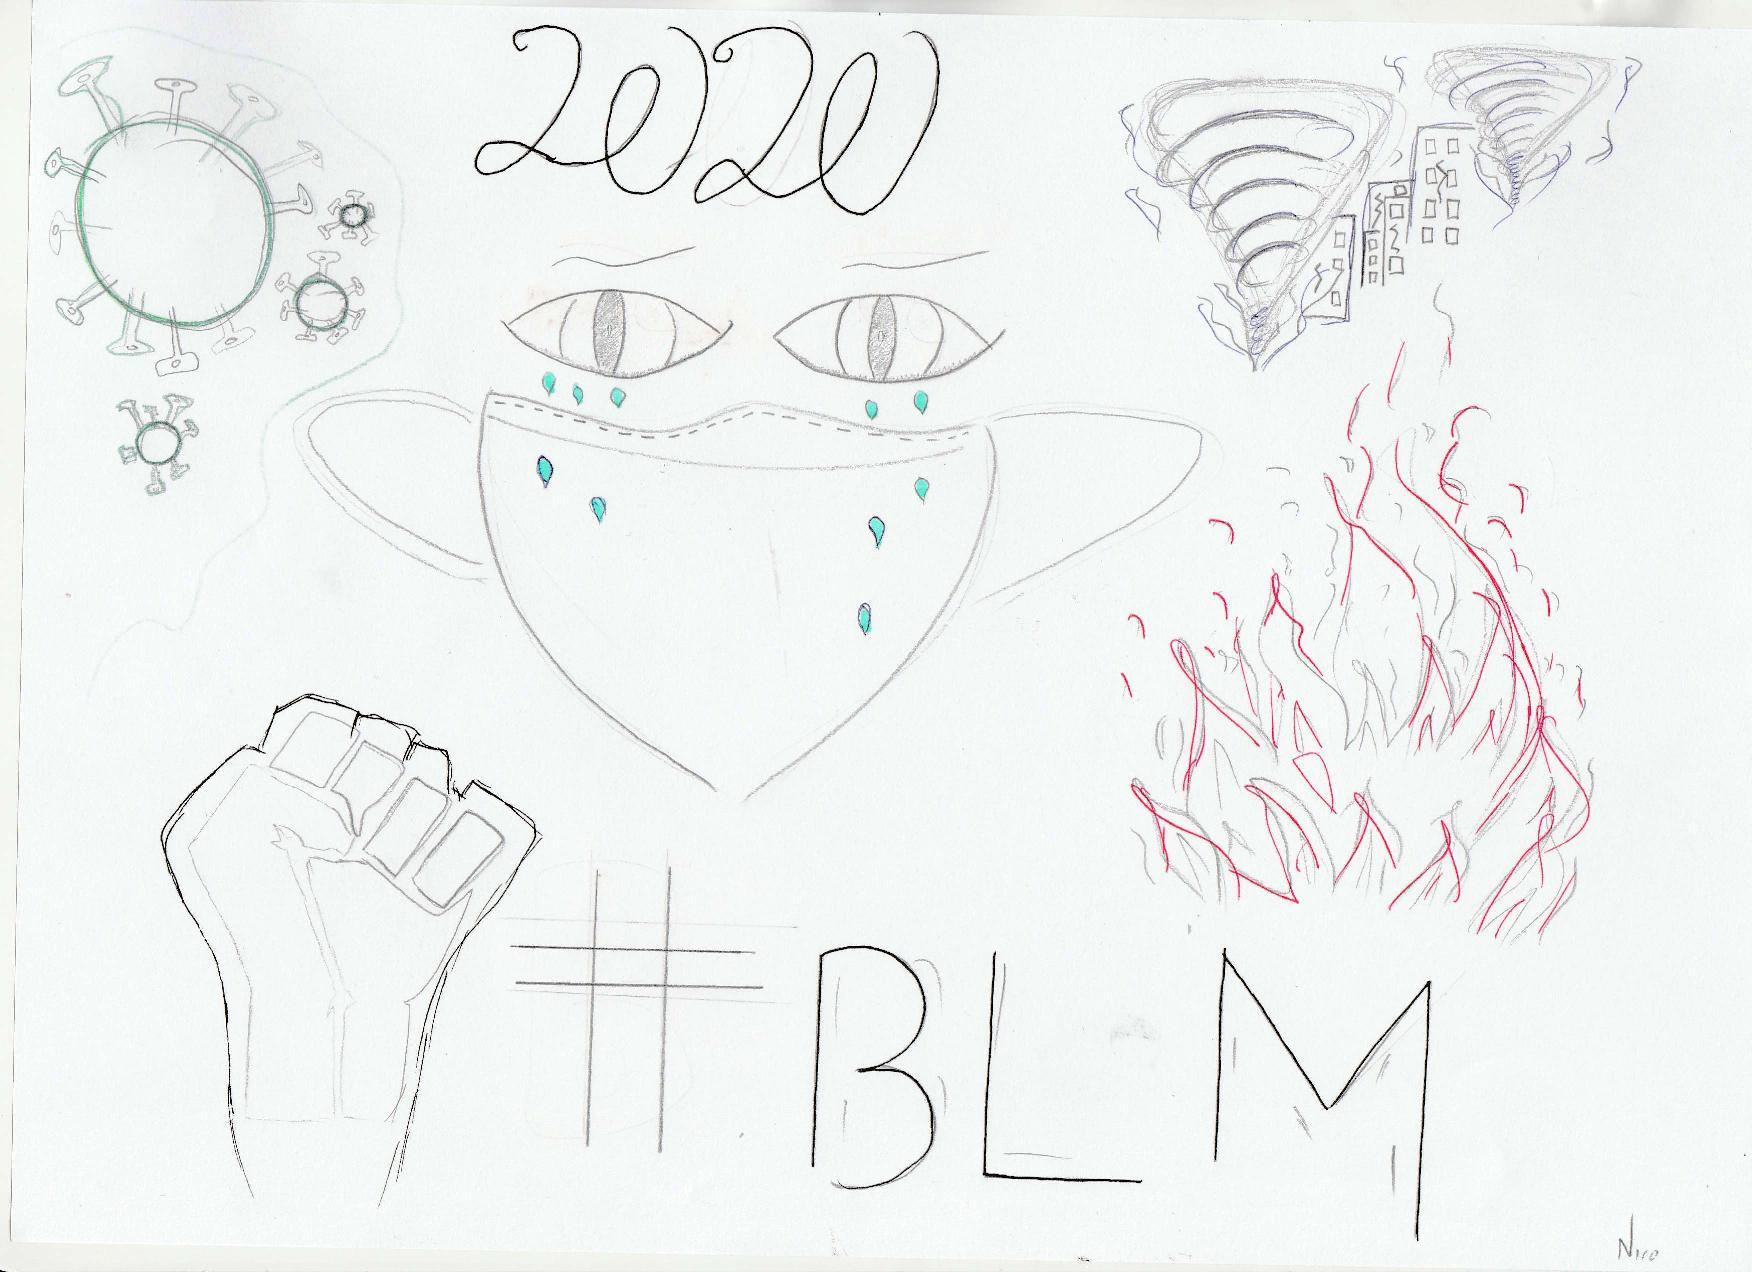 Οι μαθητές της Γ' Γυμνασίου εκφράζονται μέσω της τέχνης κατά τη περίοδο του εγκλεισμού-1